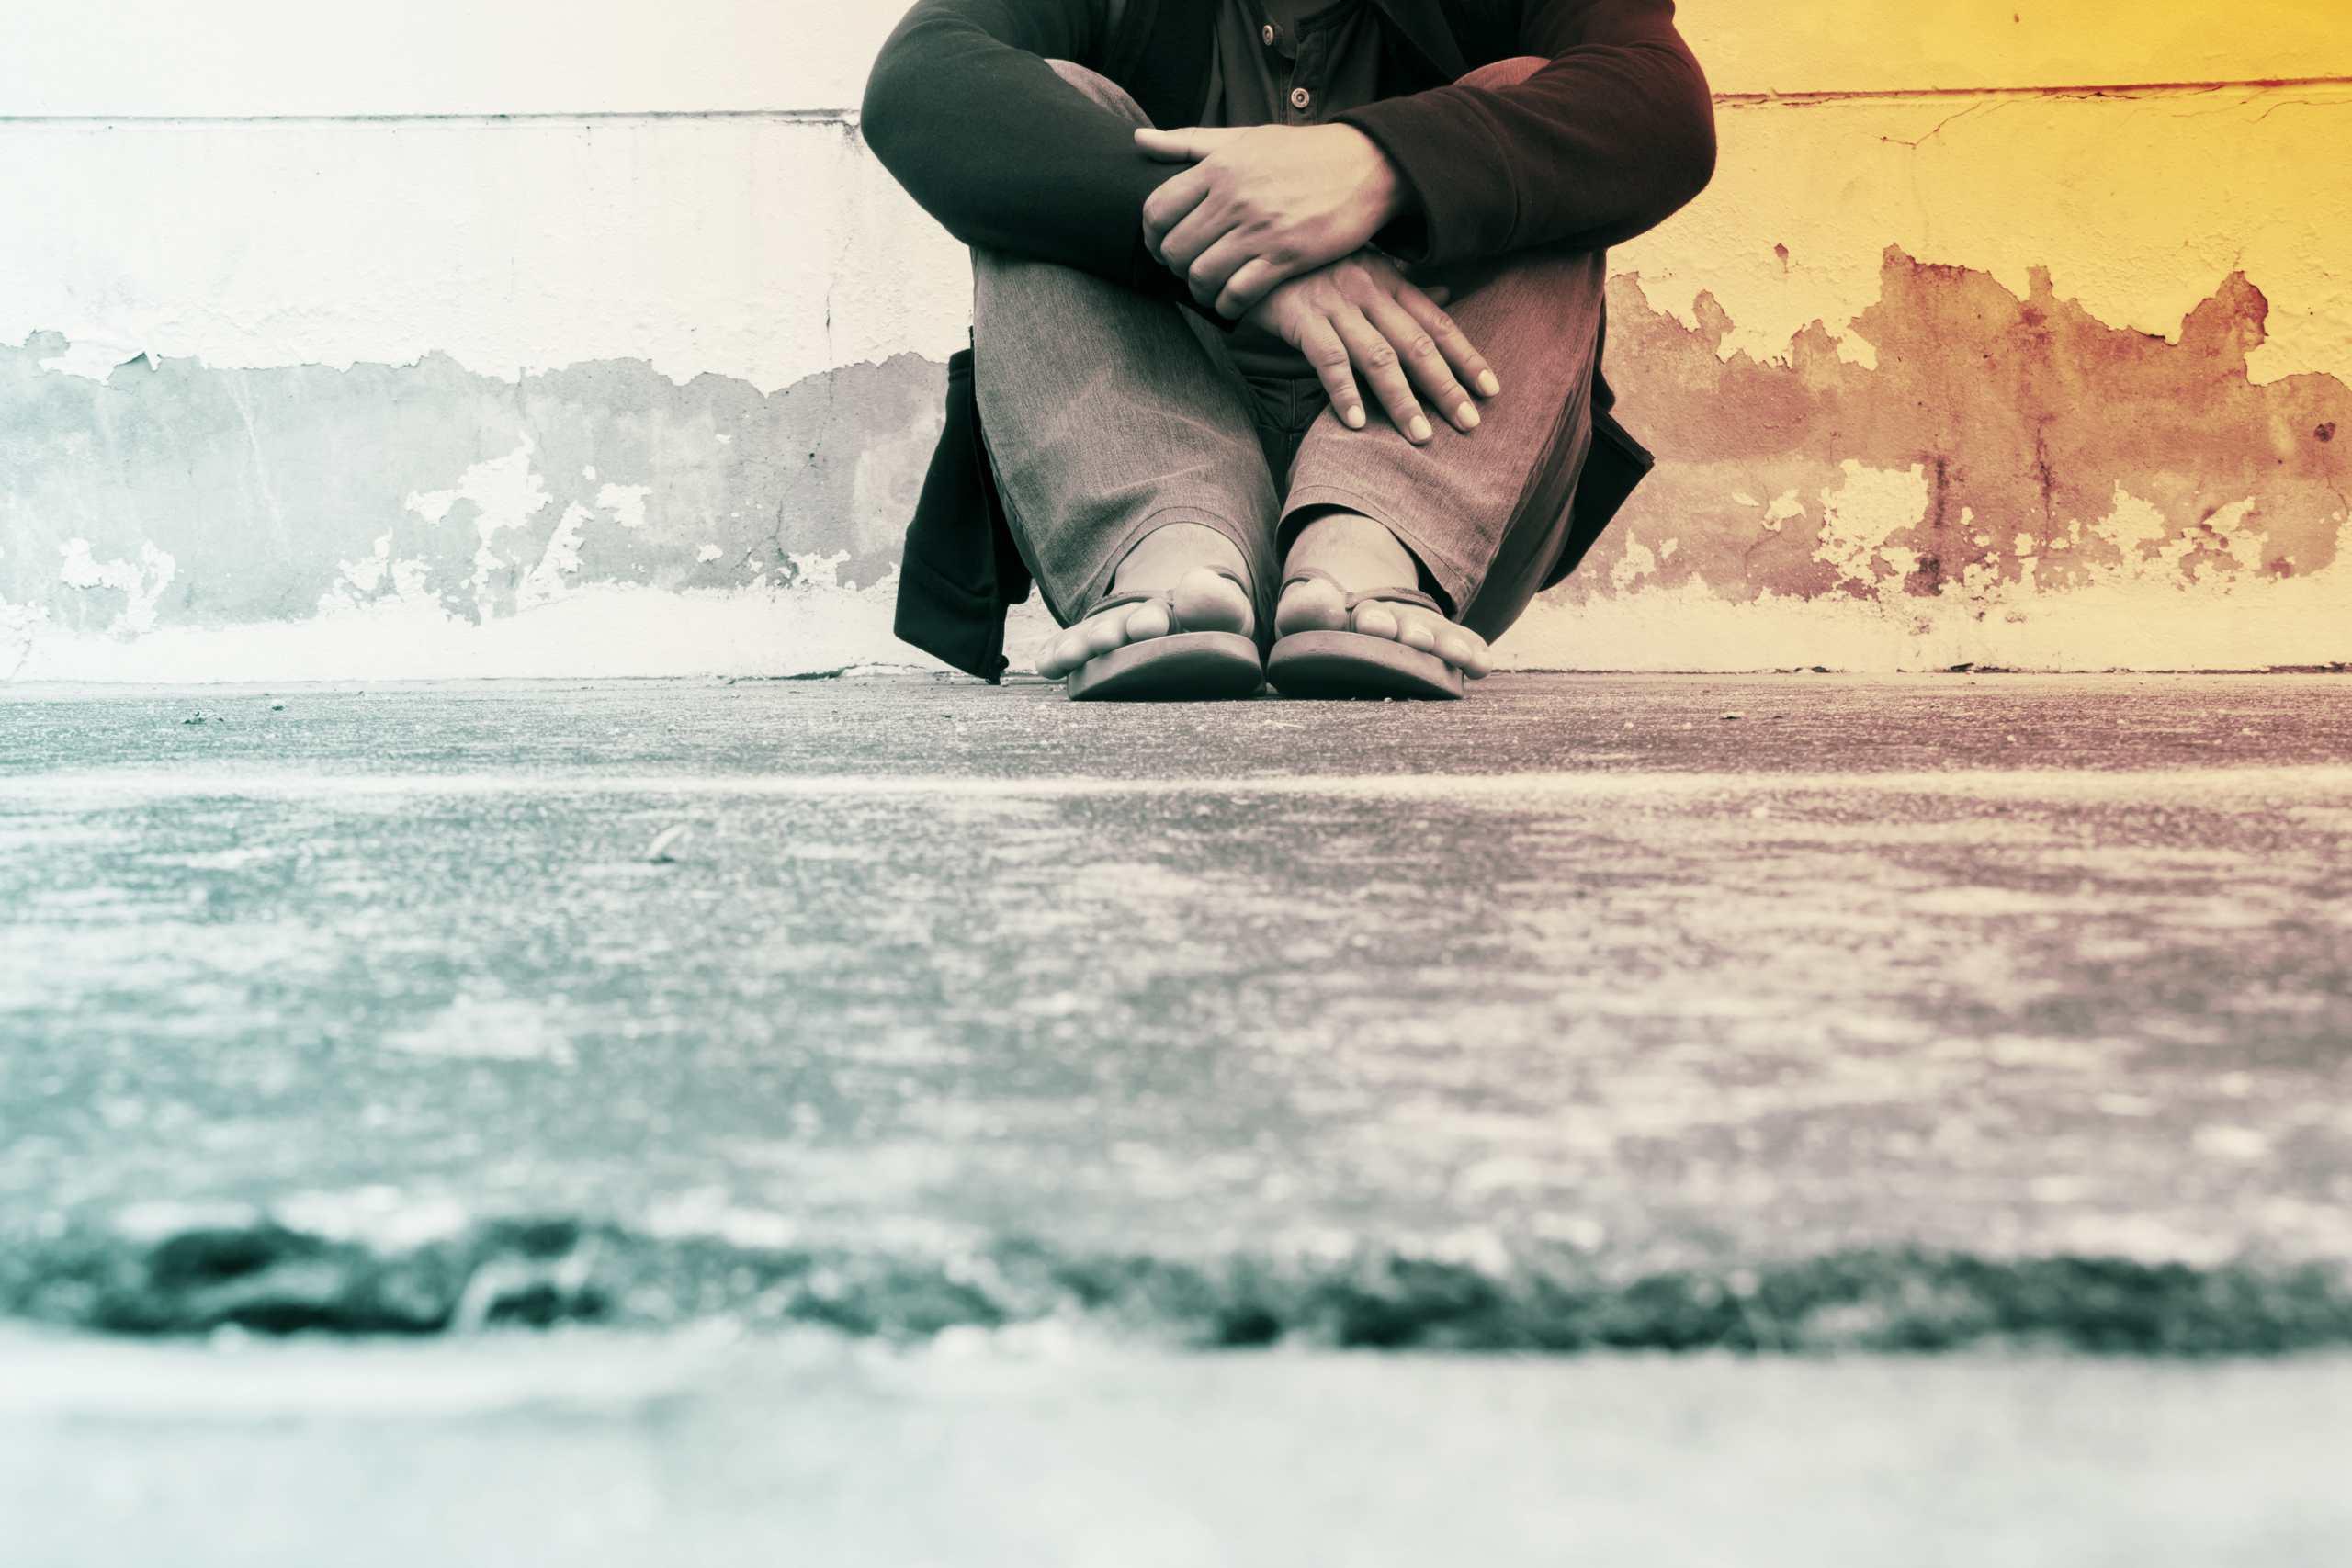 Mensch am Boden